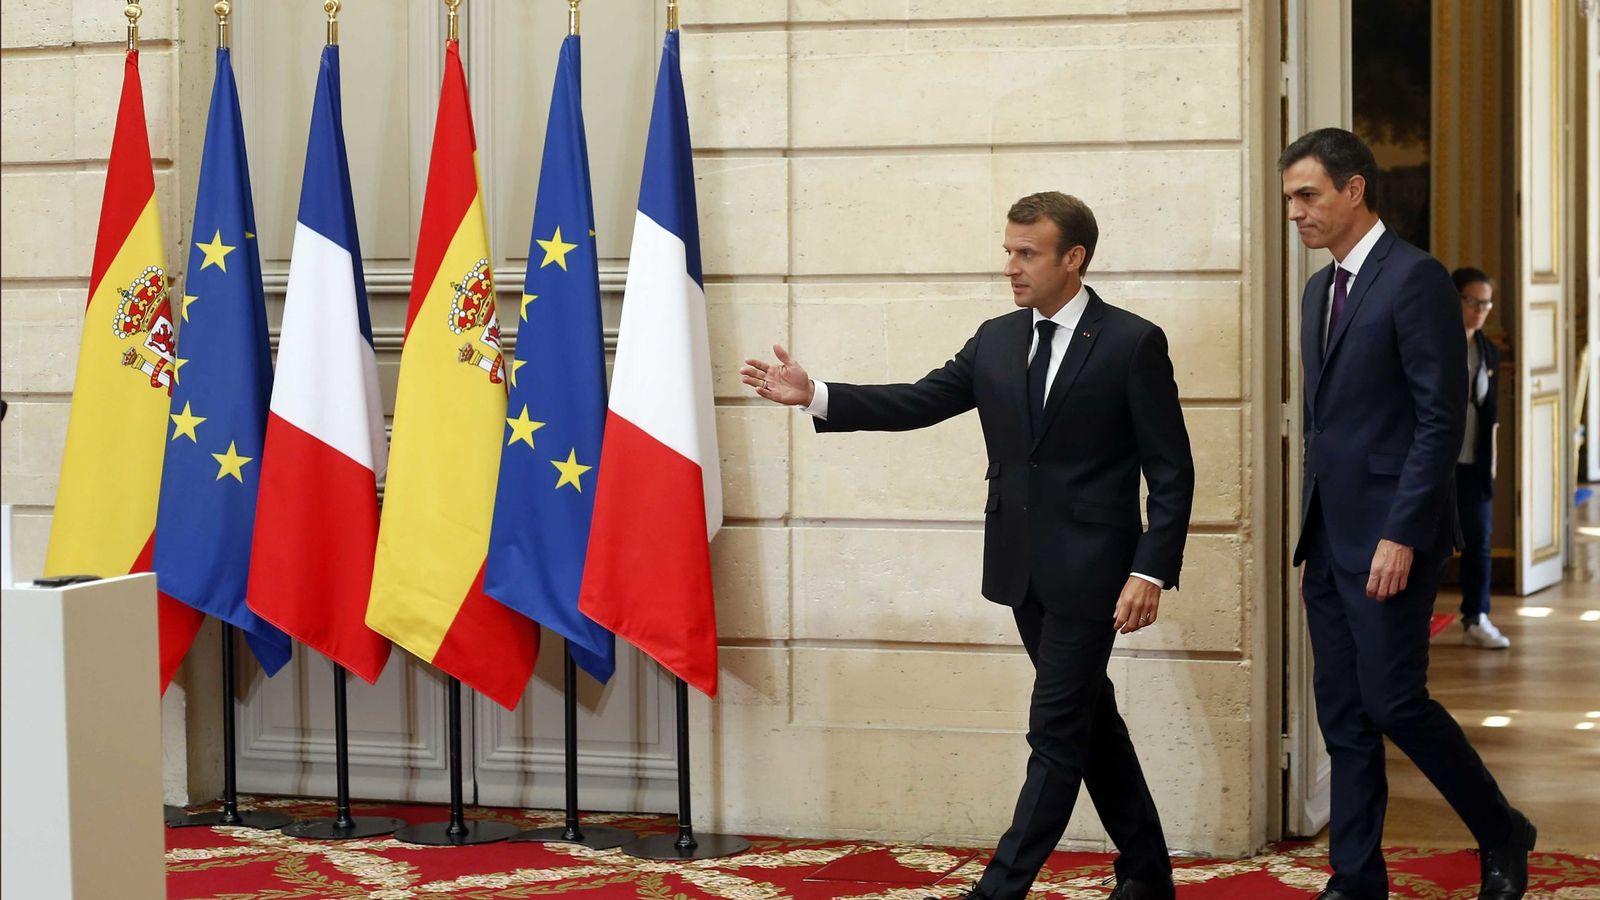 Foto: Emmanuel Macron y Pedro Sánchez, dirigiéndose a su rueda de prensa conjunta en el Elíseo, este 23 de junio en París. (Reuters)